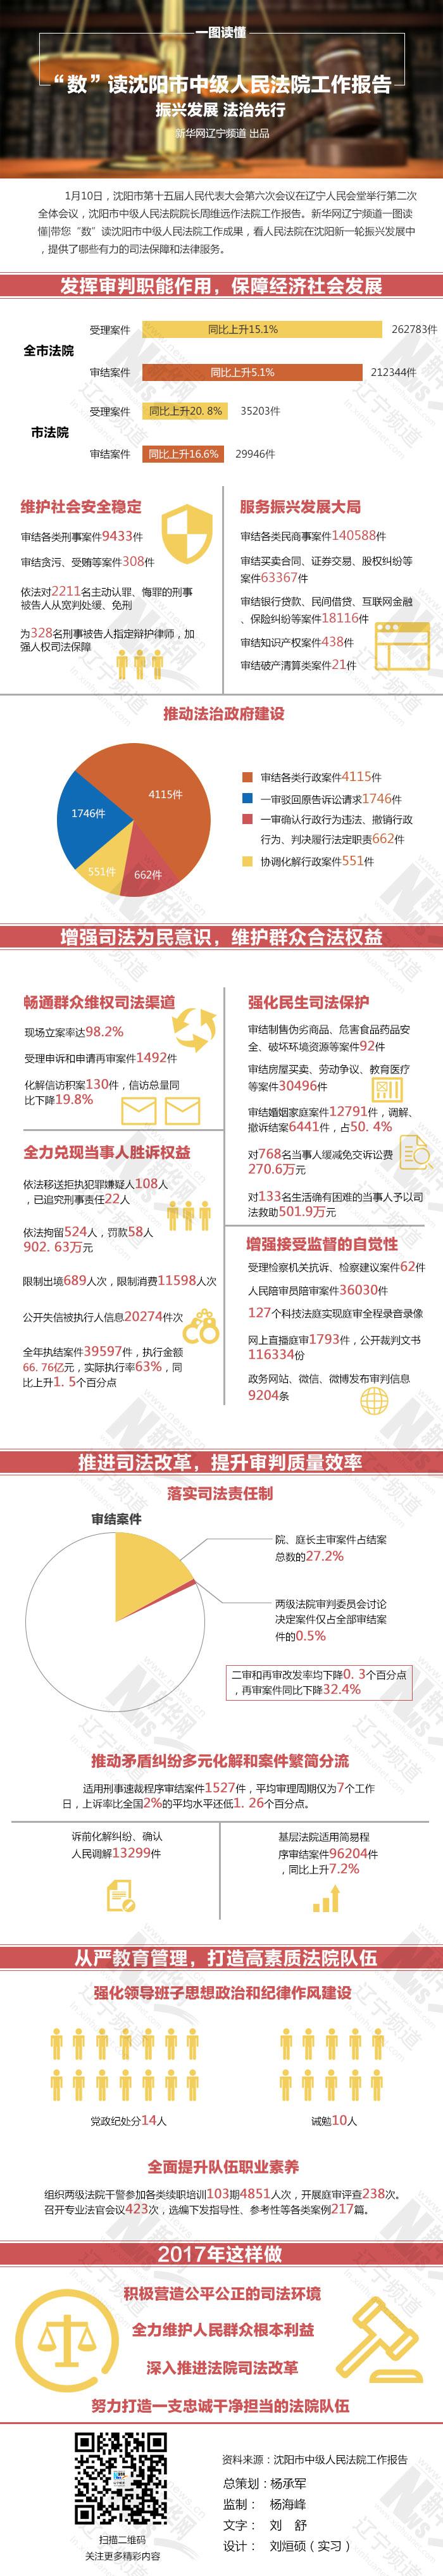 【一图读懂】沈阳市中级人民法院工作报告